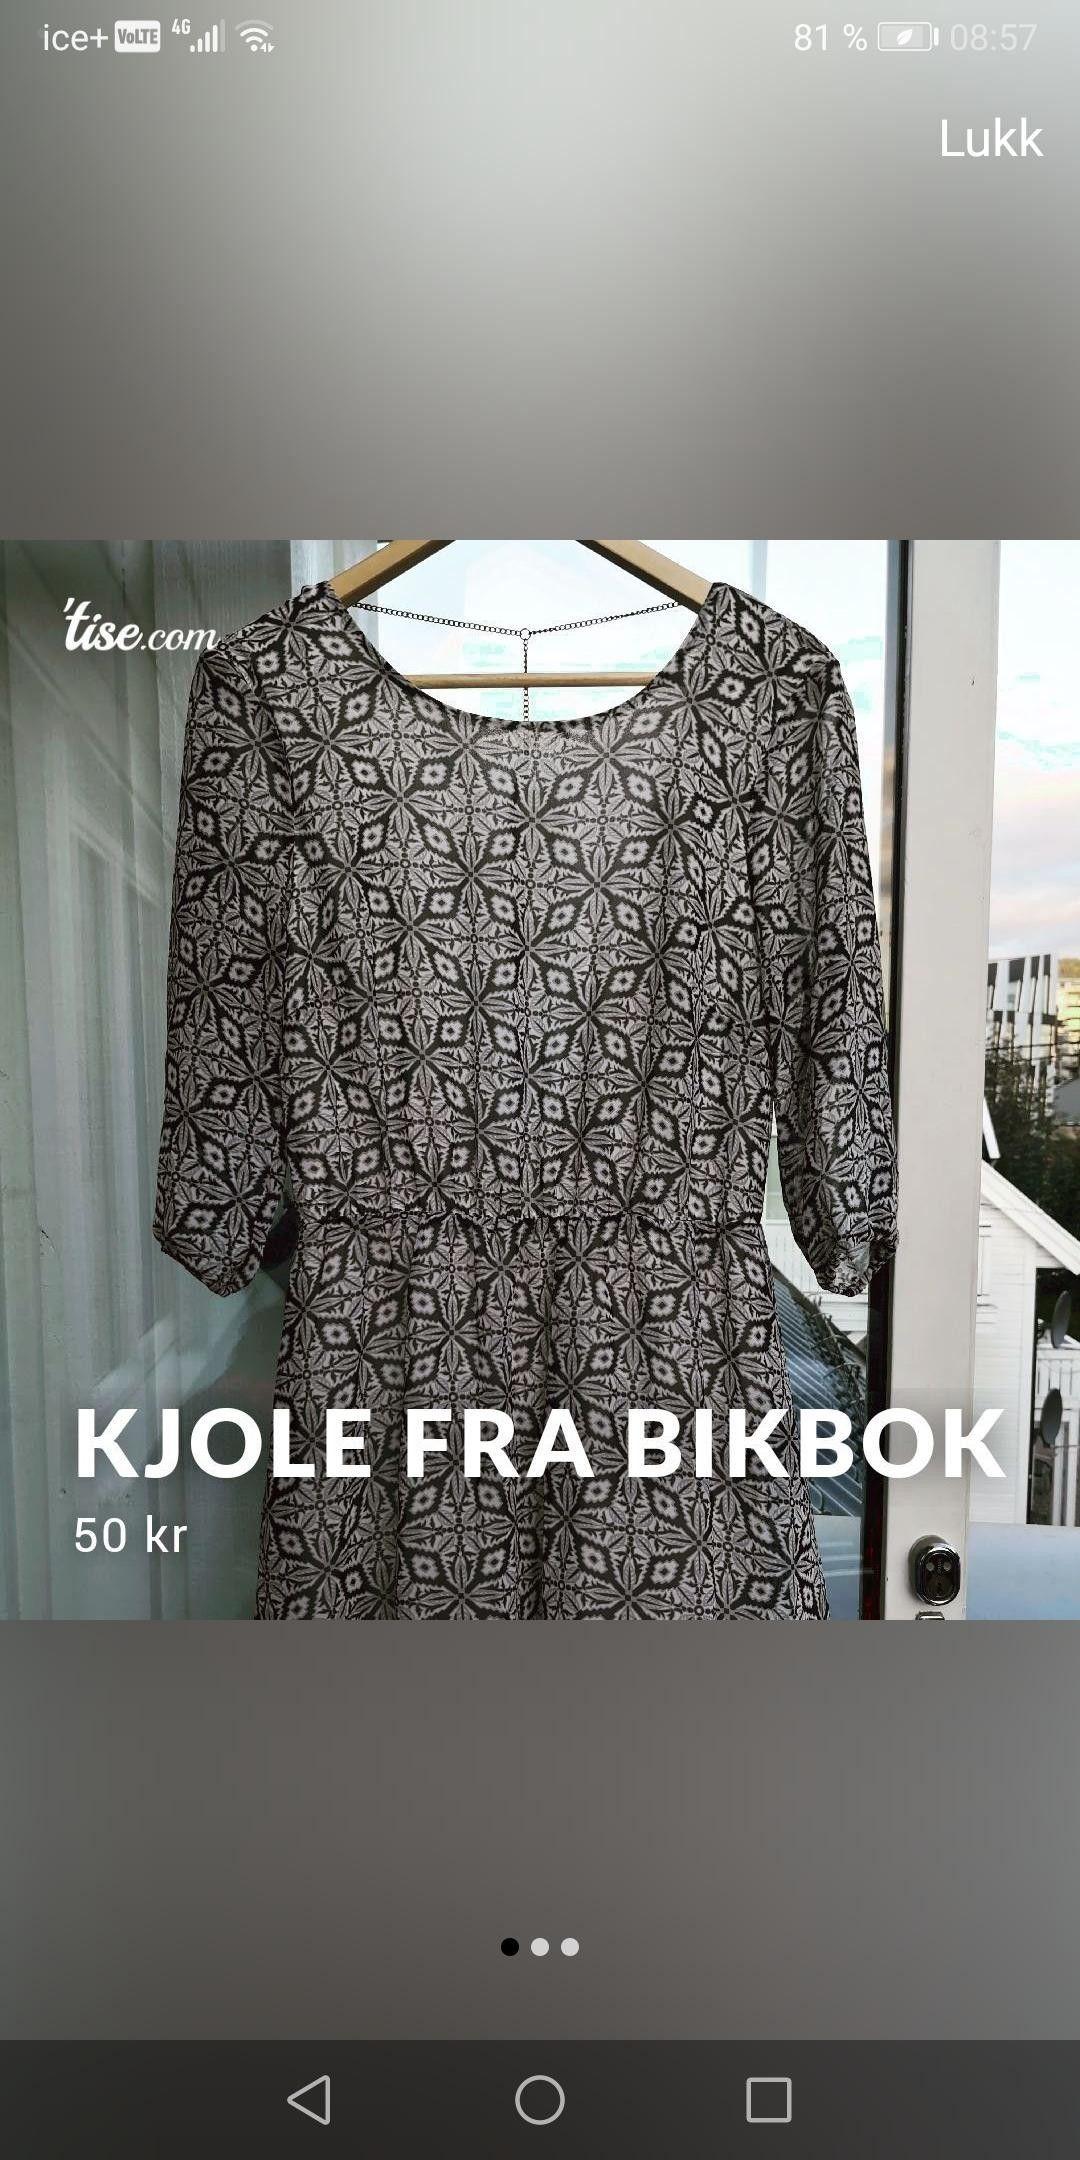 Kjole fra BikBok | FINN.no